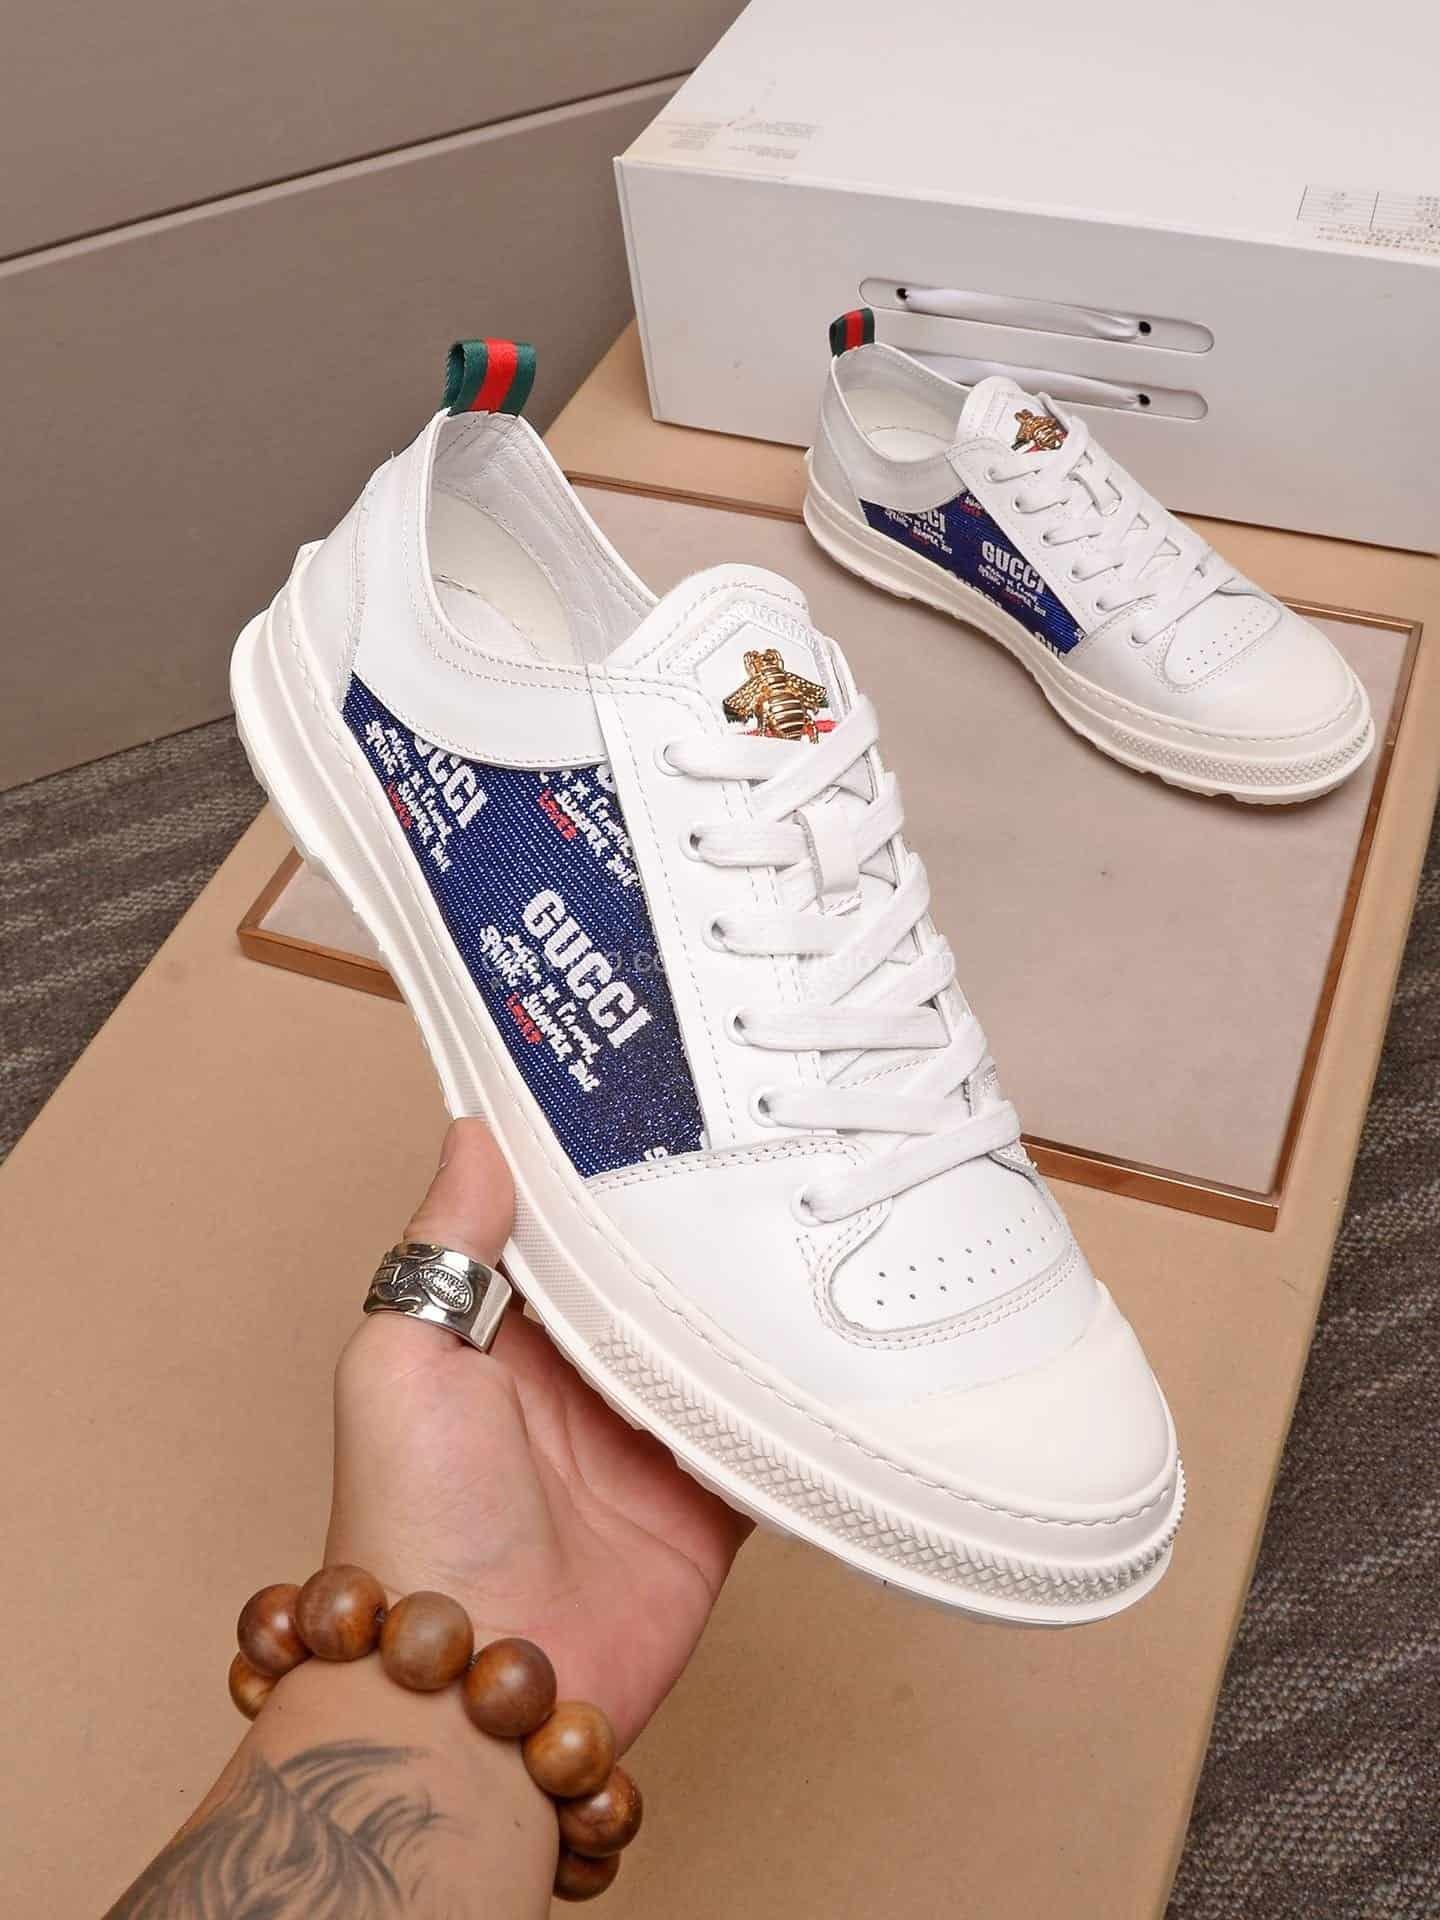 Giày gucci trắng lưng màu xanh logo ong vàng